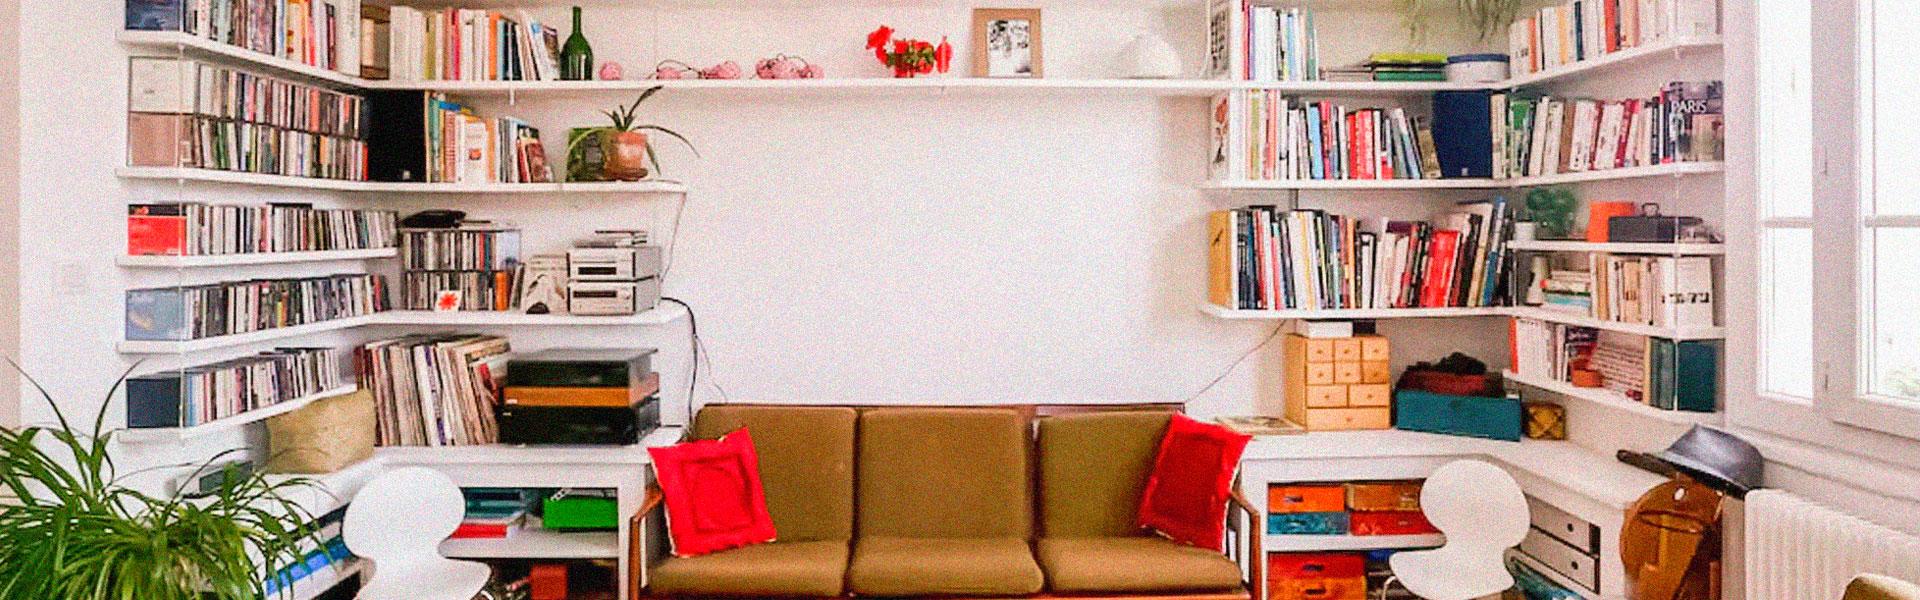 ideiais-de-airbnb-em-paris